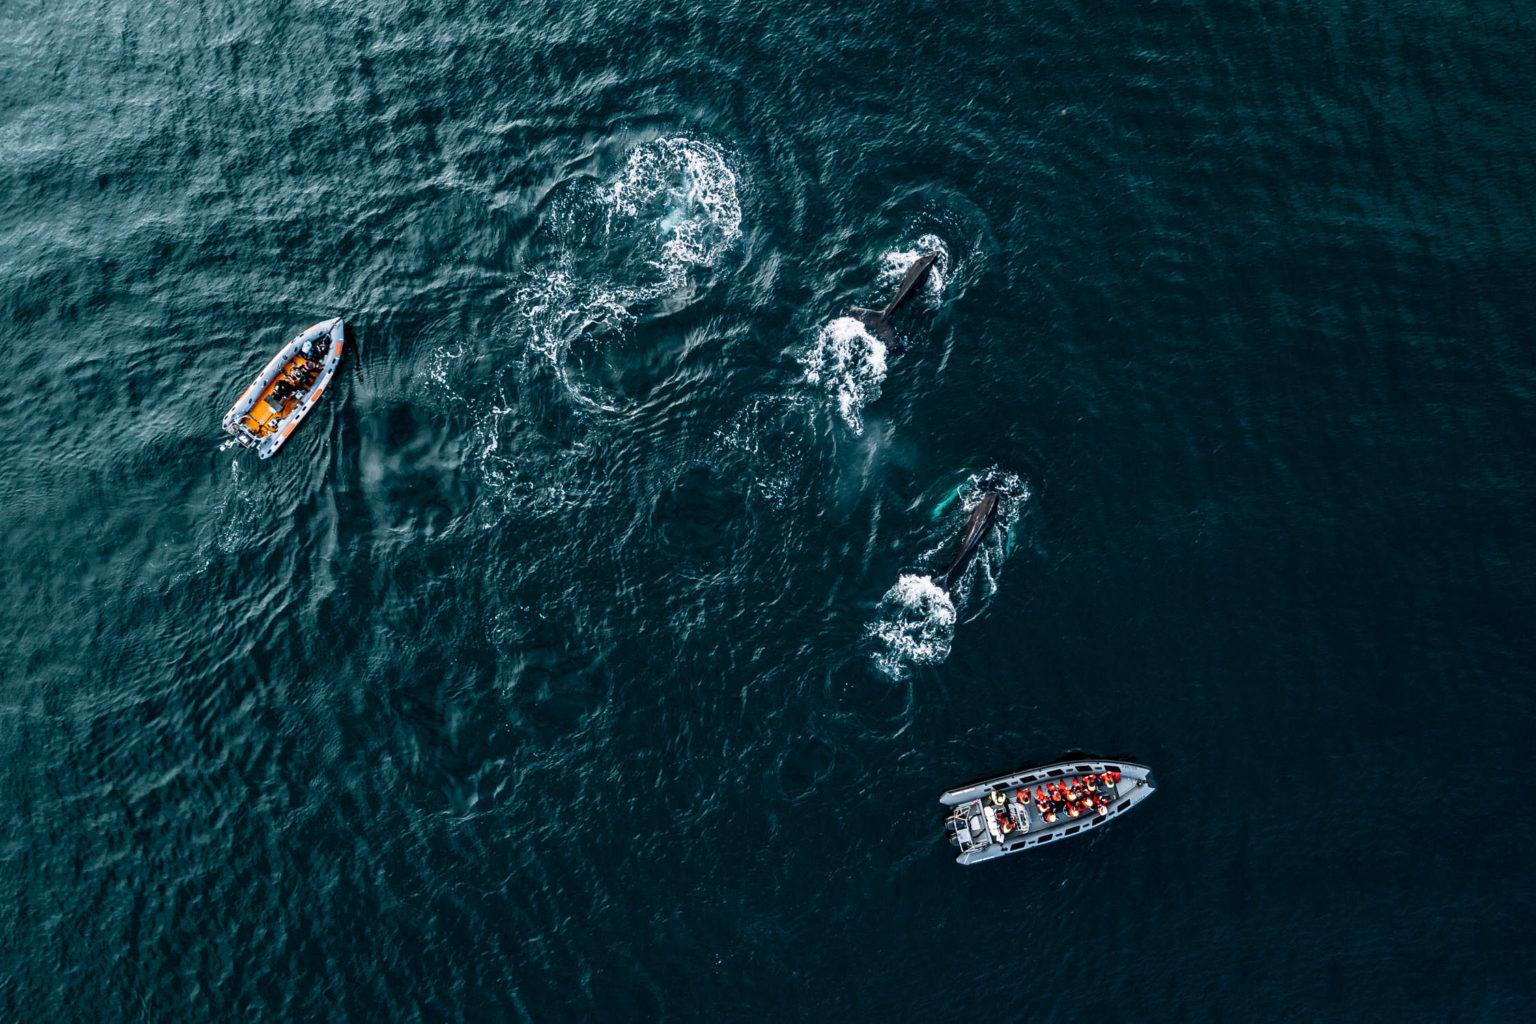 Скорость циркуляции Атлантического океана достигла минимума за последние 1600 лет